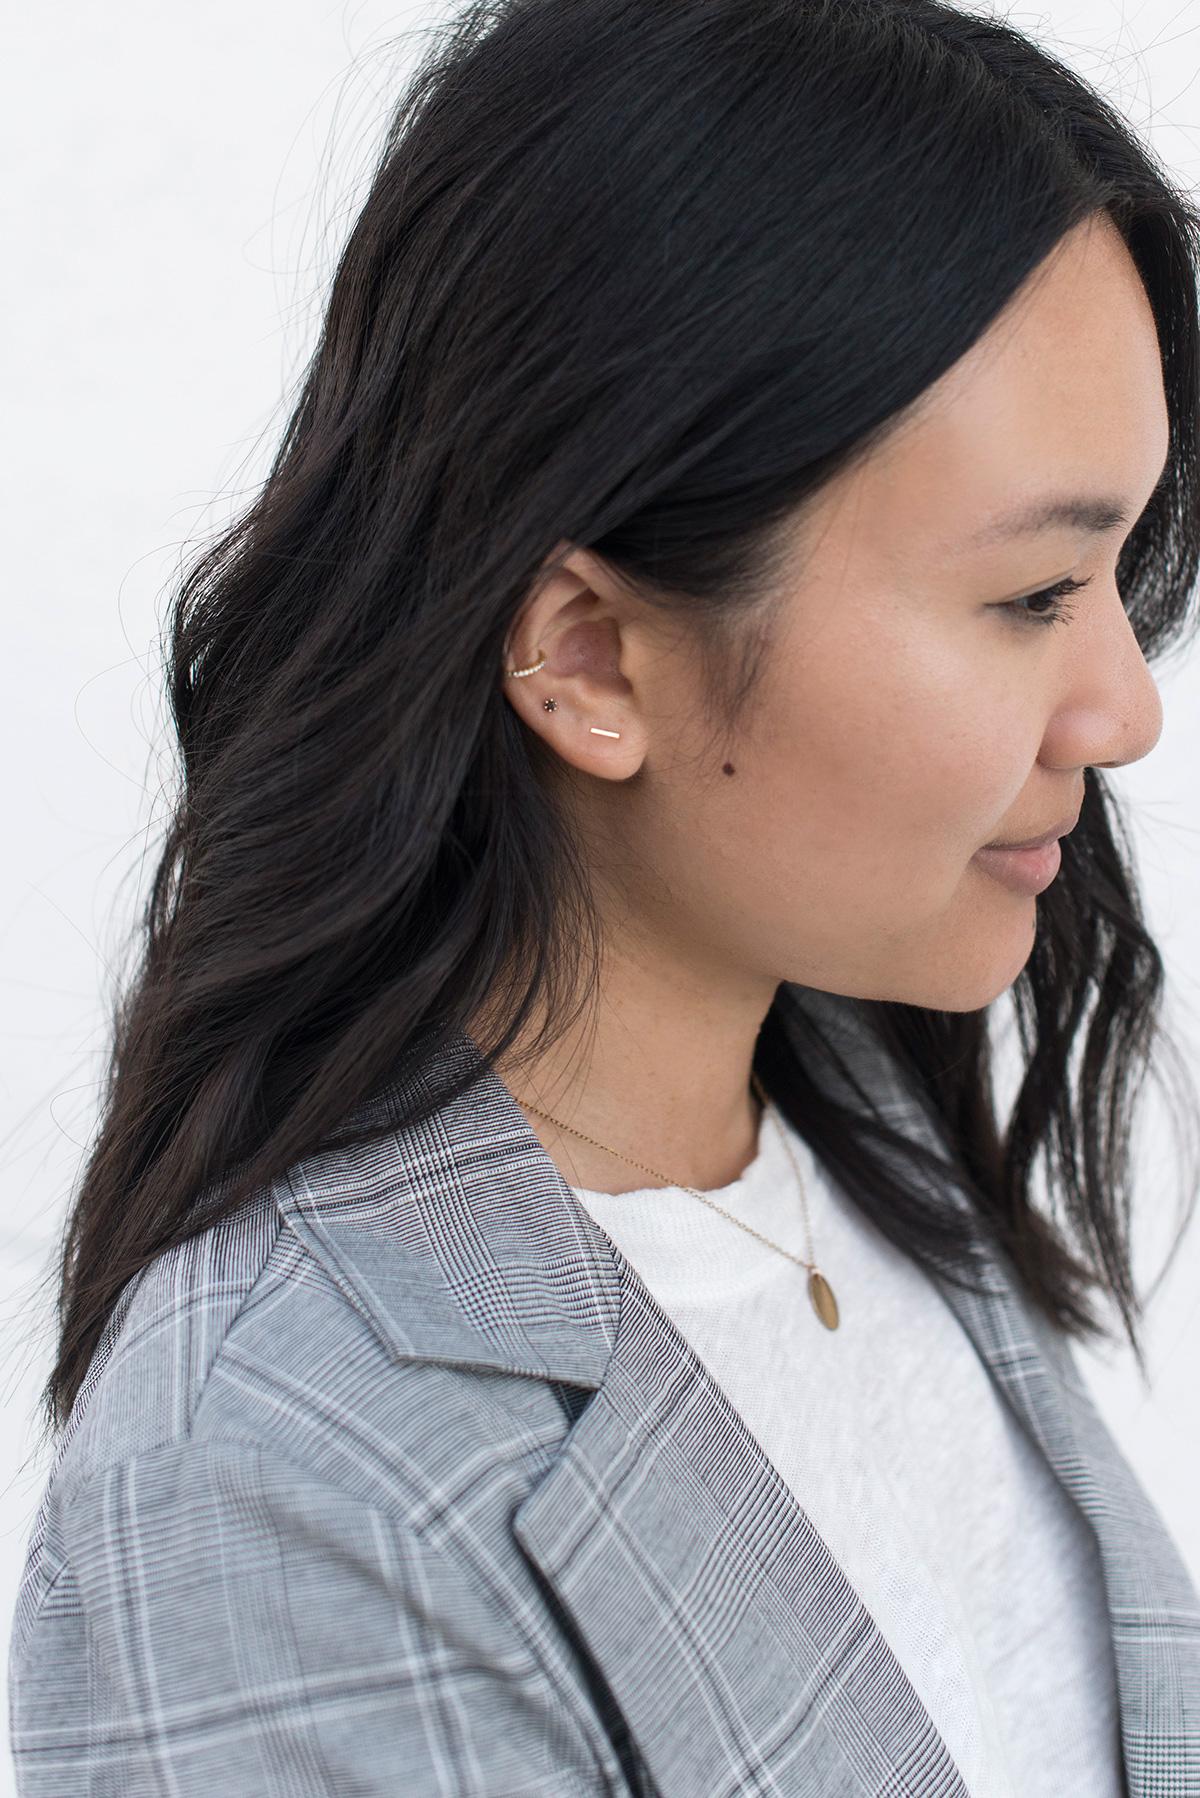 Satomi Kawakita The Tiniest Black Diamond Stud